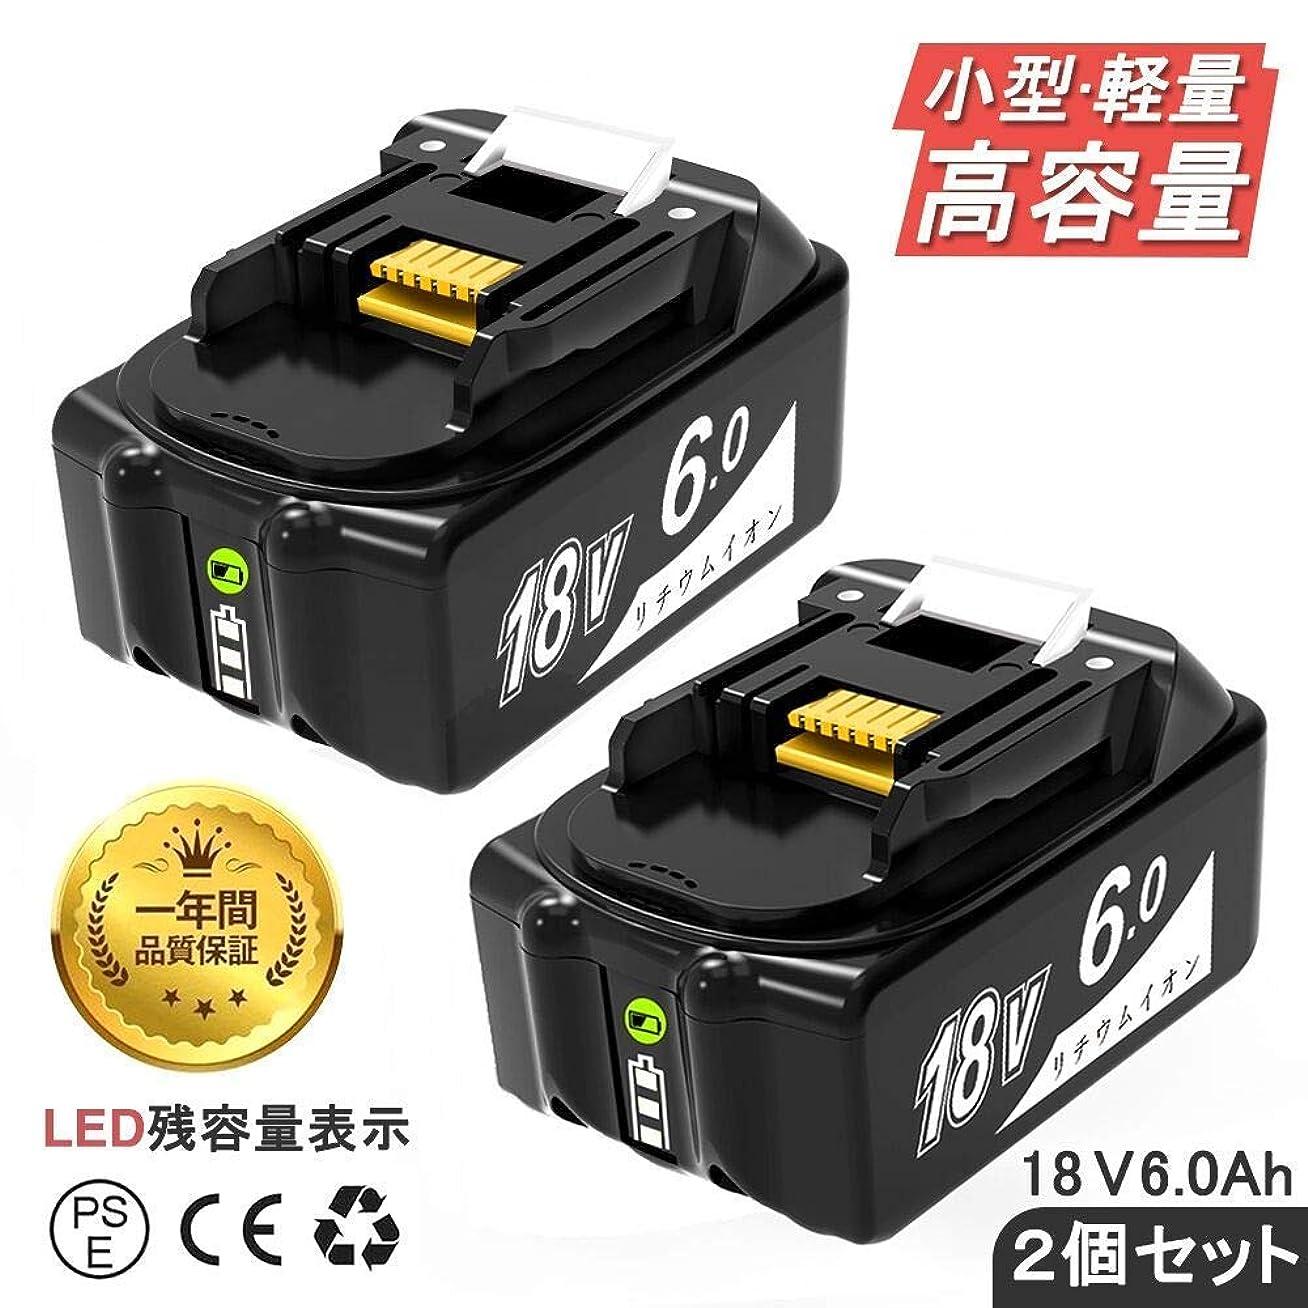 ありそう準備した白いマキタ 18v バッテリー BL1860B 互換 WASPT マキタ電動工具用 互換バッテリー 2個セット 電池残量表示機能付き 一年保証PSE認証済